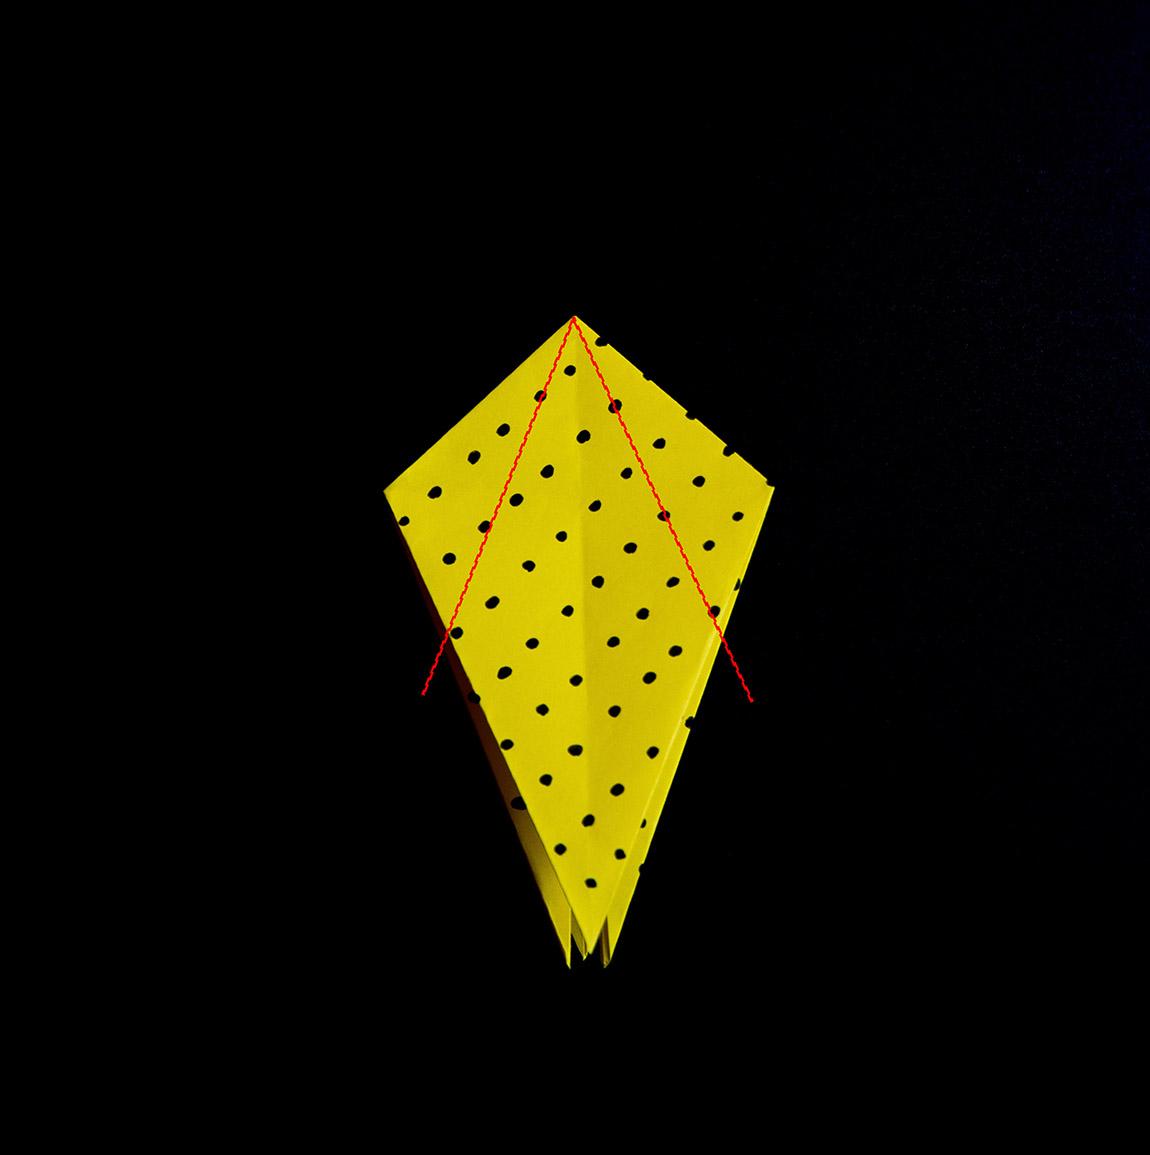 Plie les côtés haut le long de la diagonale